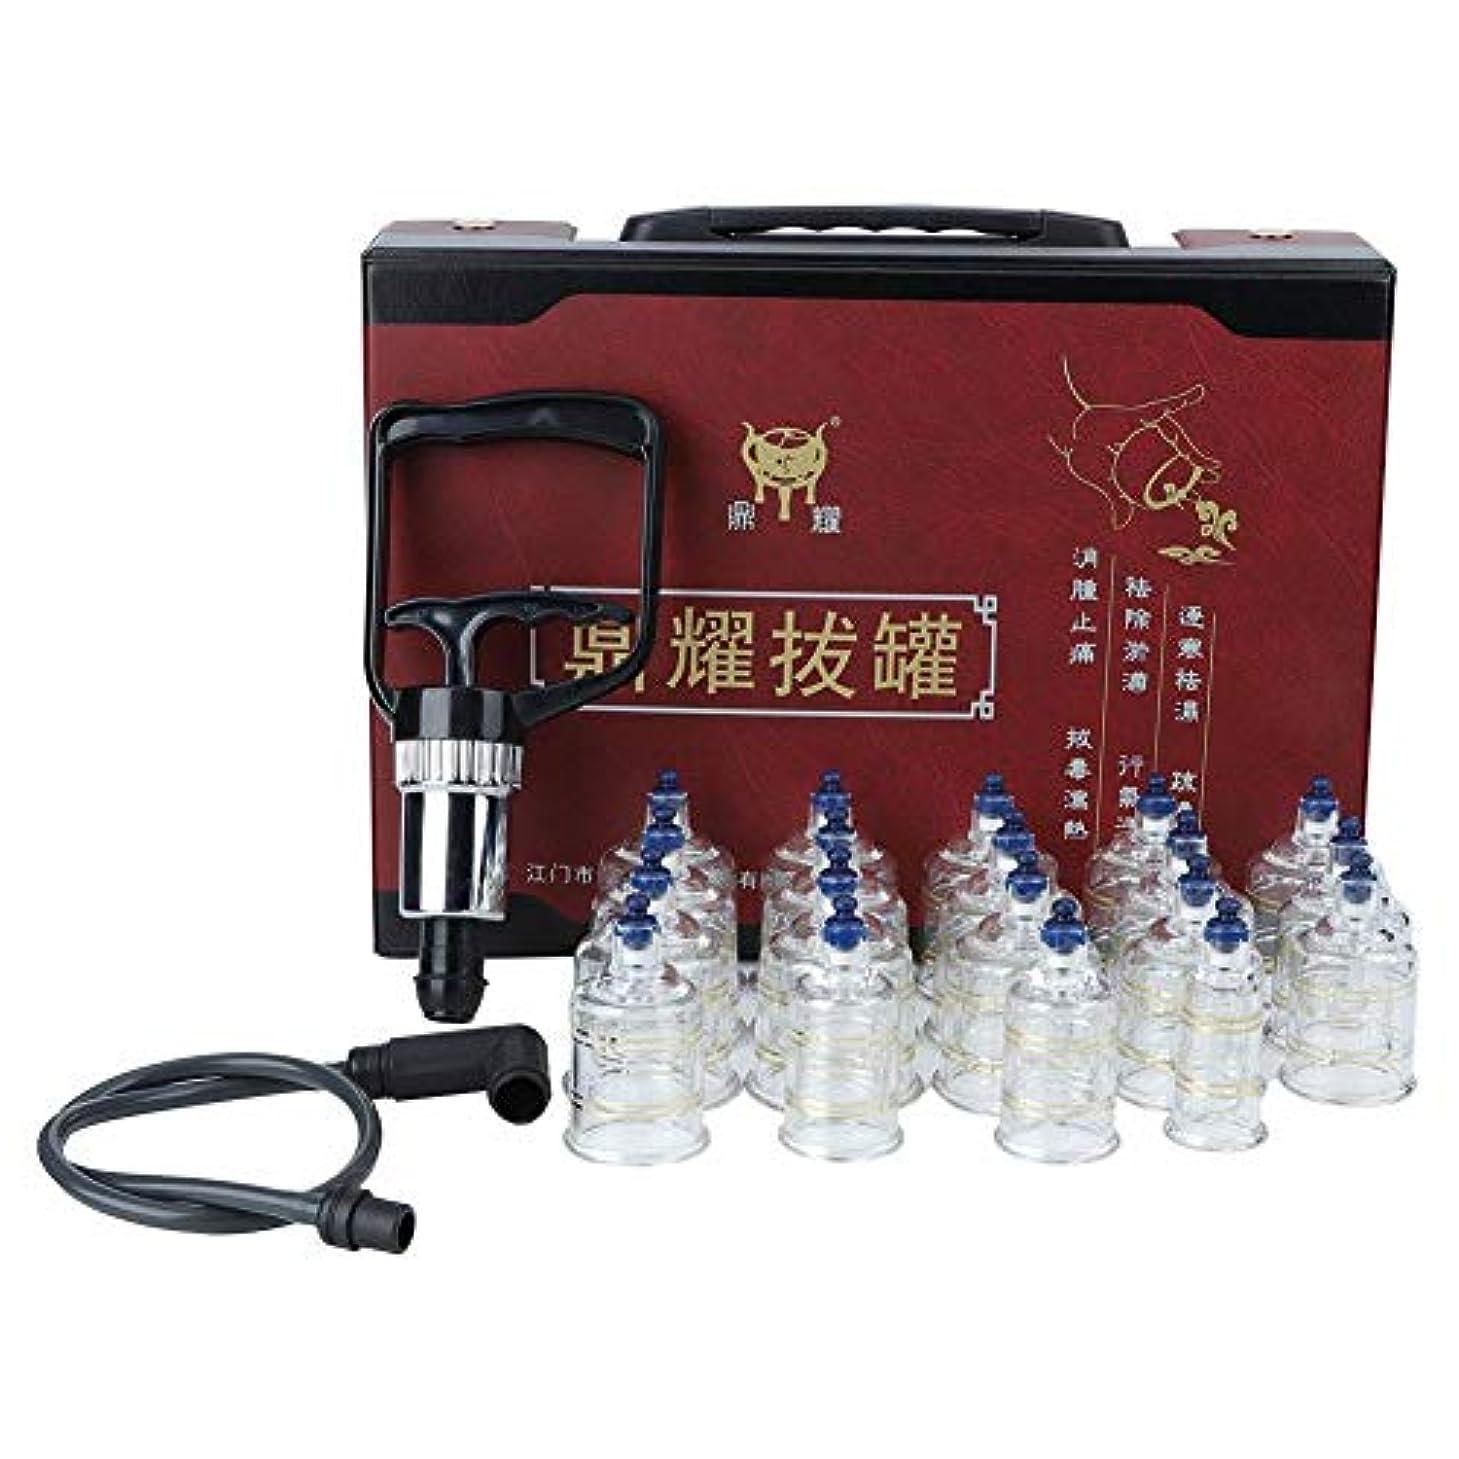 差し迫った約束する中毒カッピングセット中国のツボカッピング療法セット、吸引カップジャー真空カッピングセットマッサージセラピーマッサージ用カッピングツール